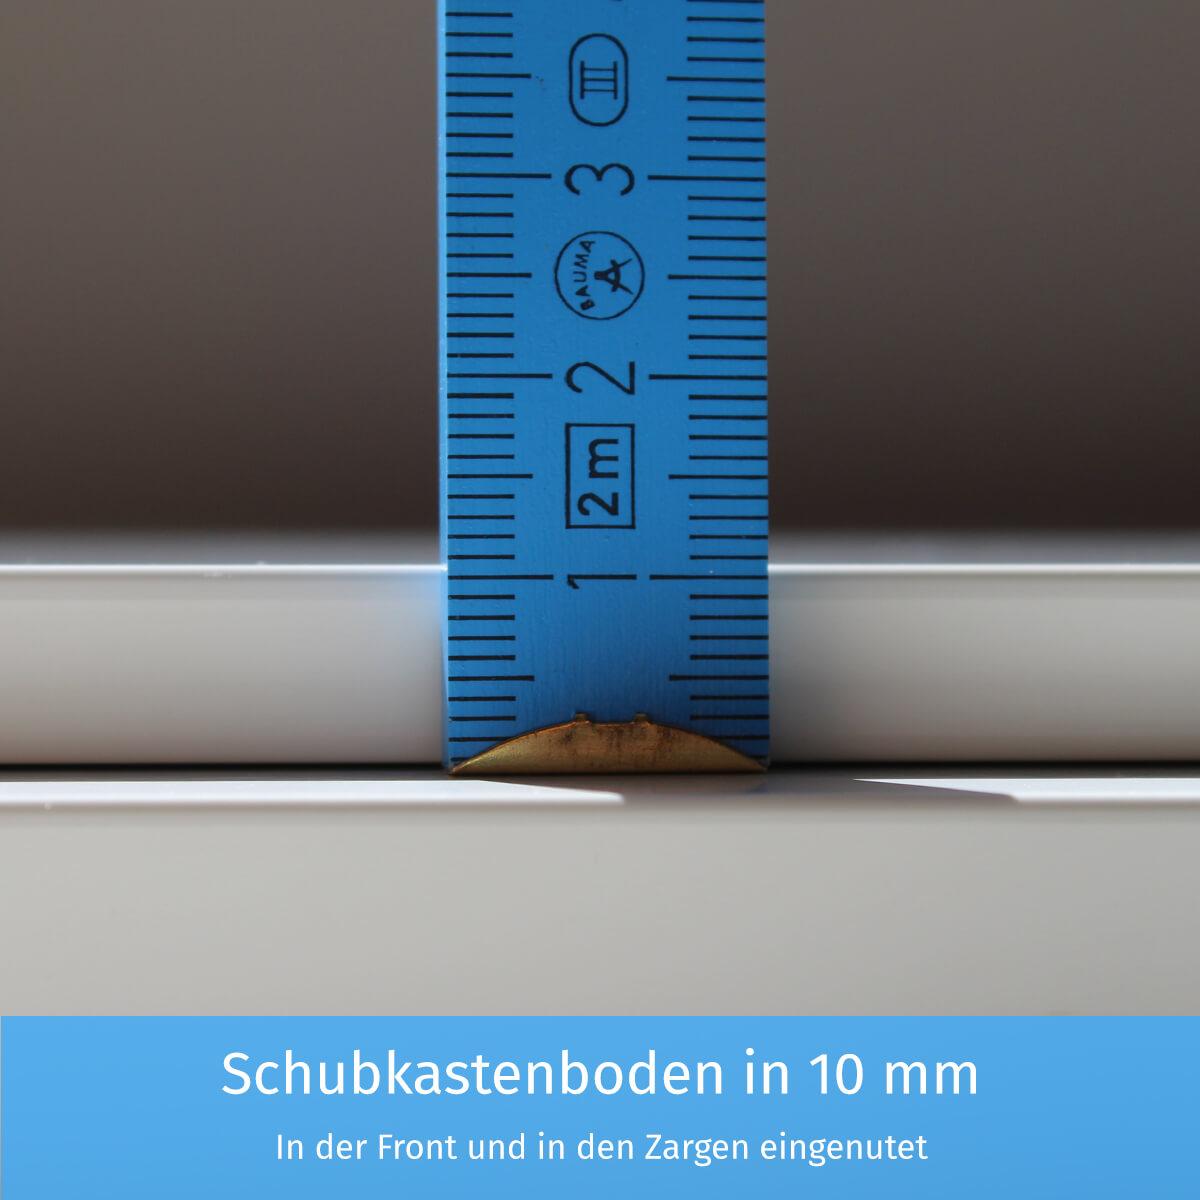 Schubkastenboden in 10 mm